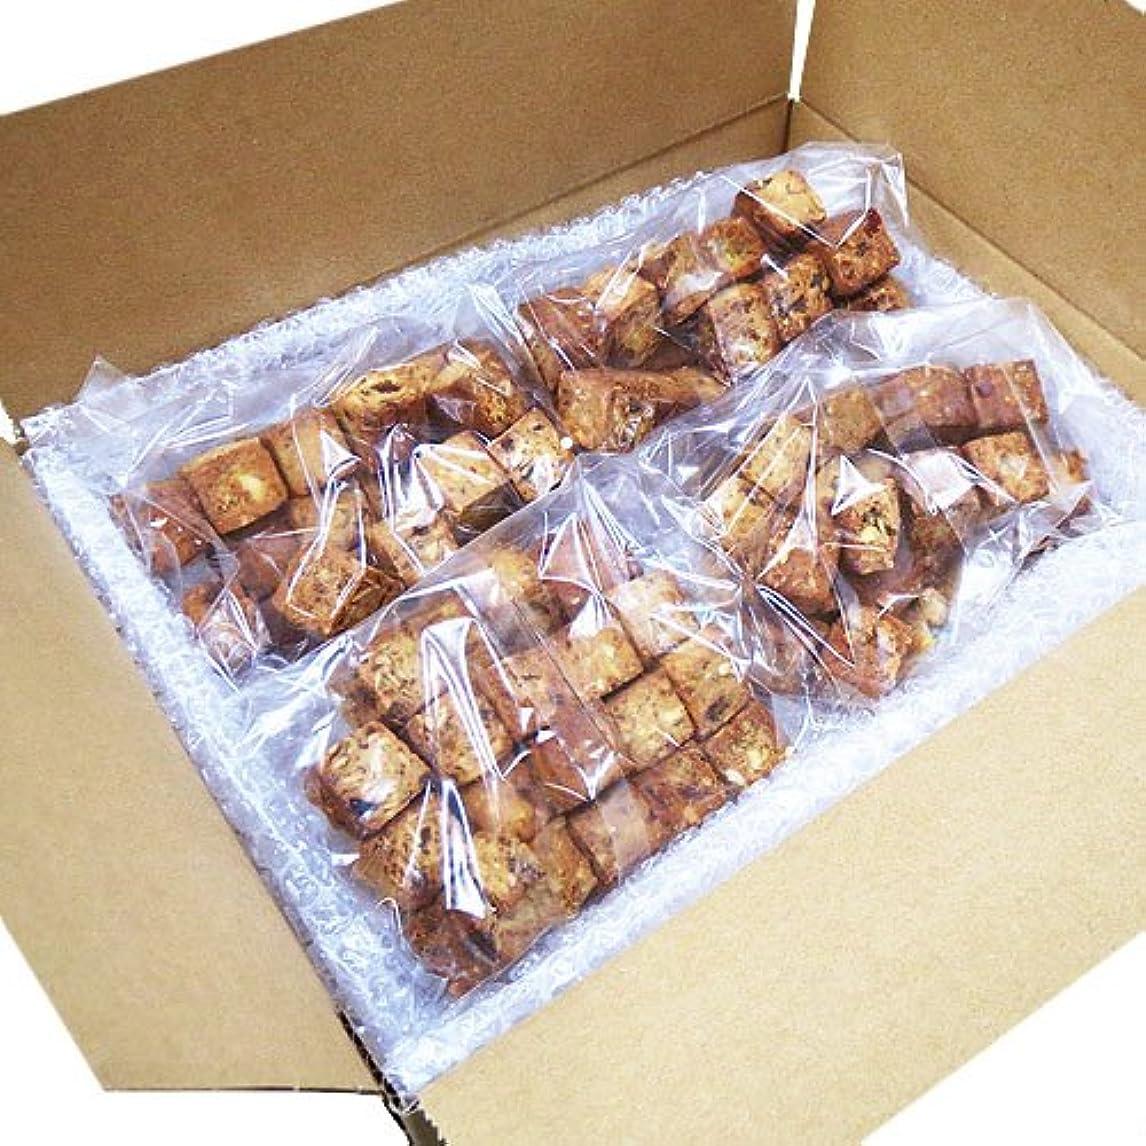 委員会アナニバー目に見える蒲屋忠兵衛商店  大麦と果実のソイキューブ  800g(200g×4袋)